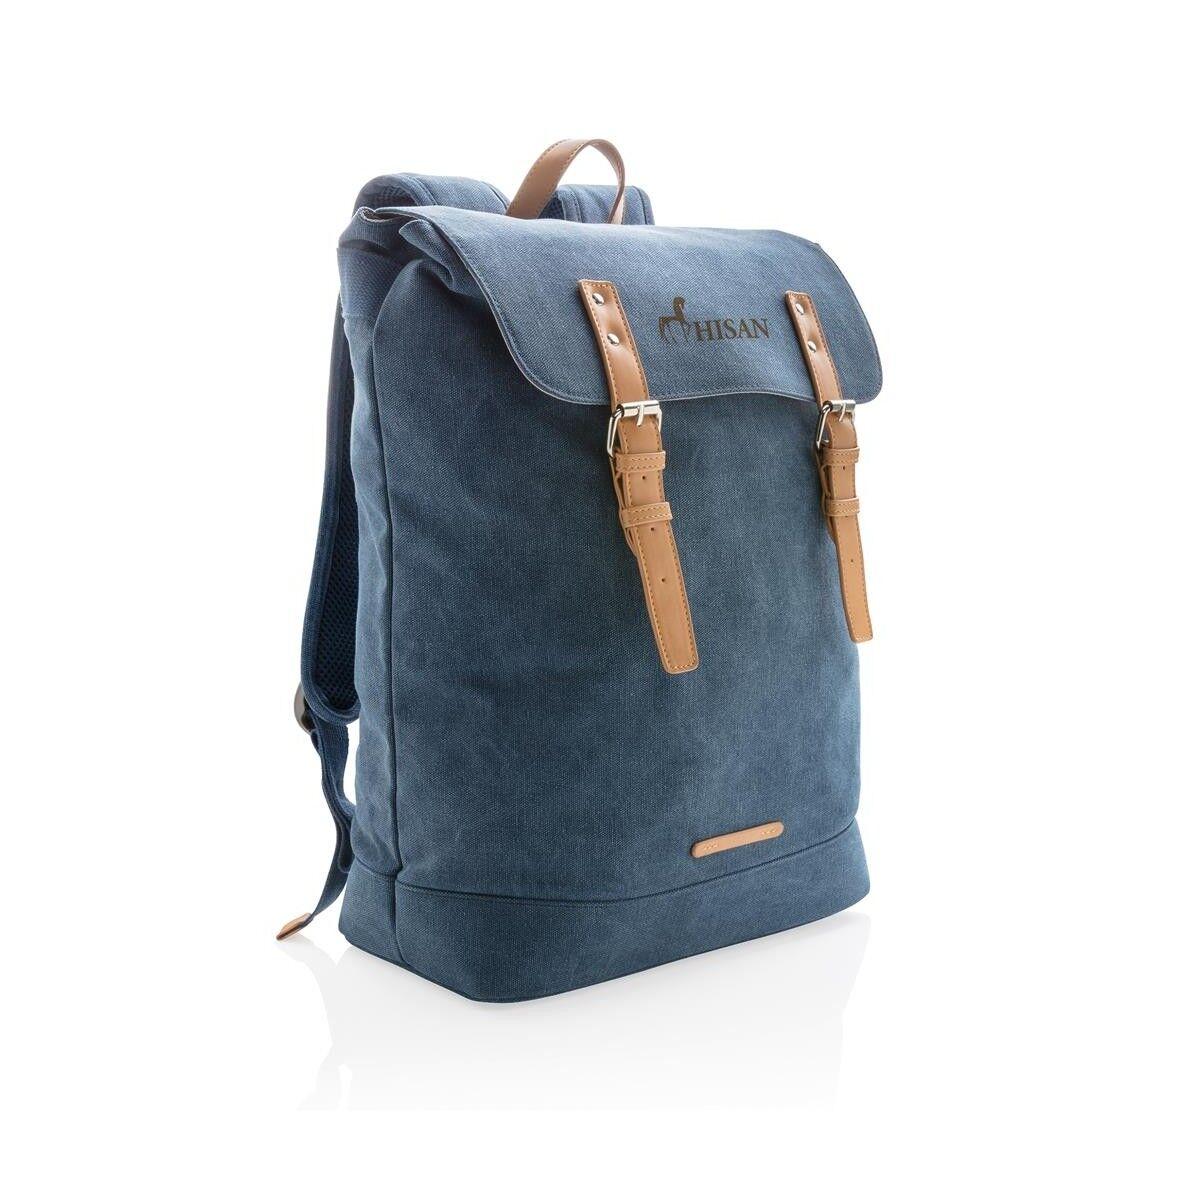 Traveller Laptop Backpack - Blue